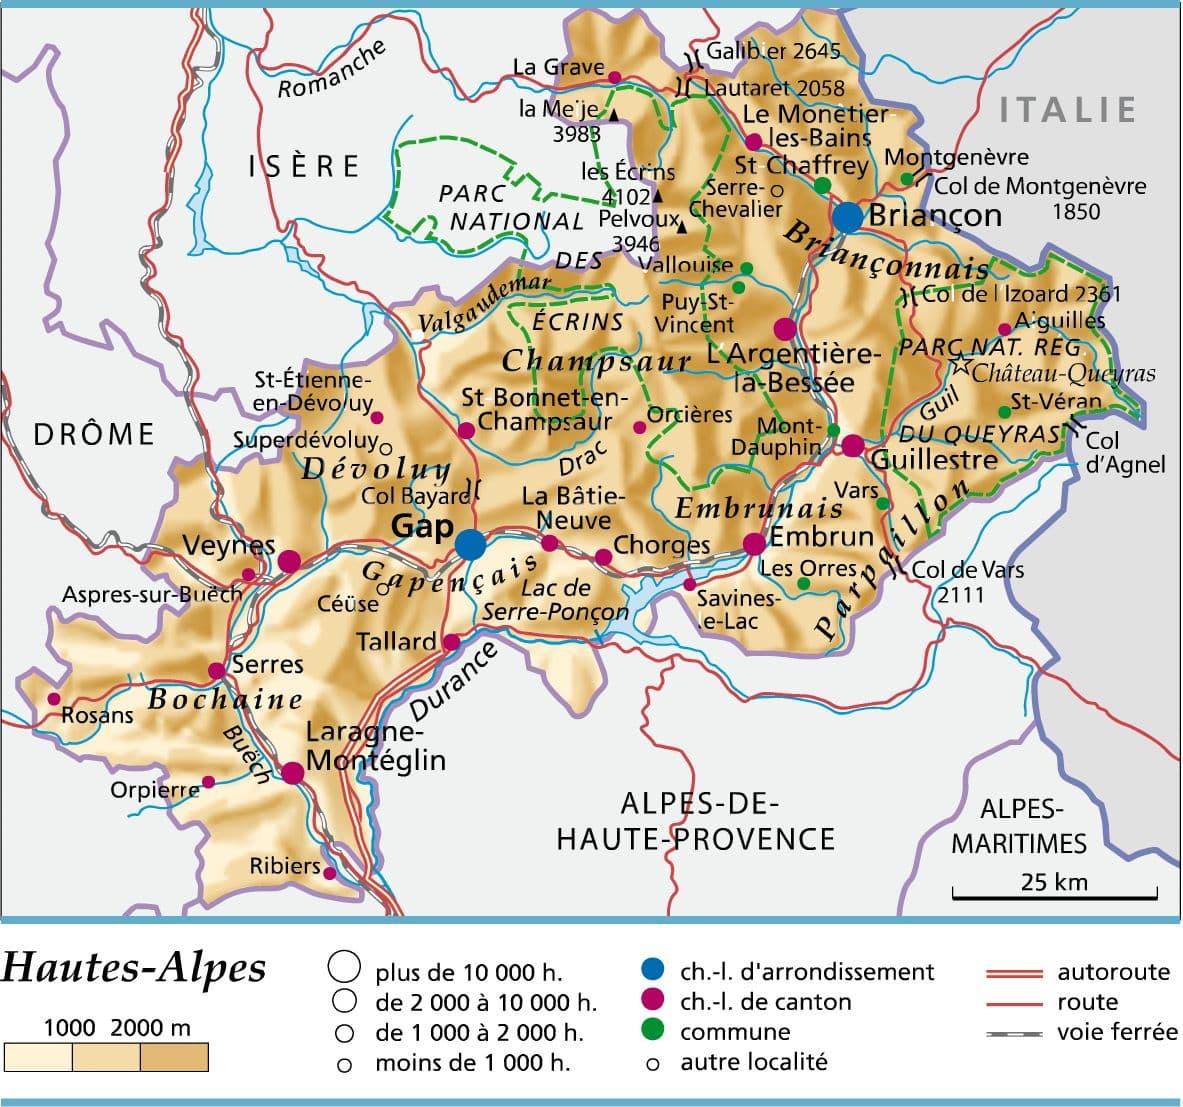 Encyclopédie Larousse en ligne - Hautes-Alpes: www.larousse.fr/encyclopedie/cartes/Hautes-Alpes/1300131